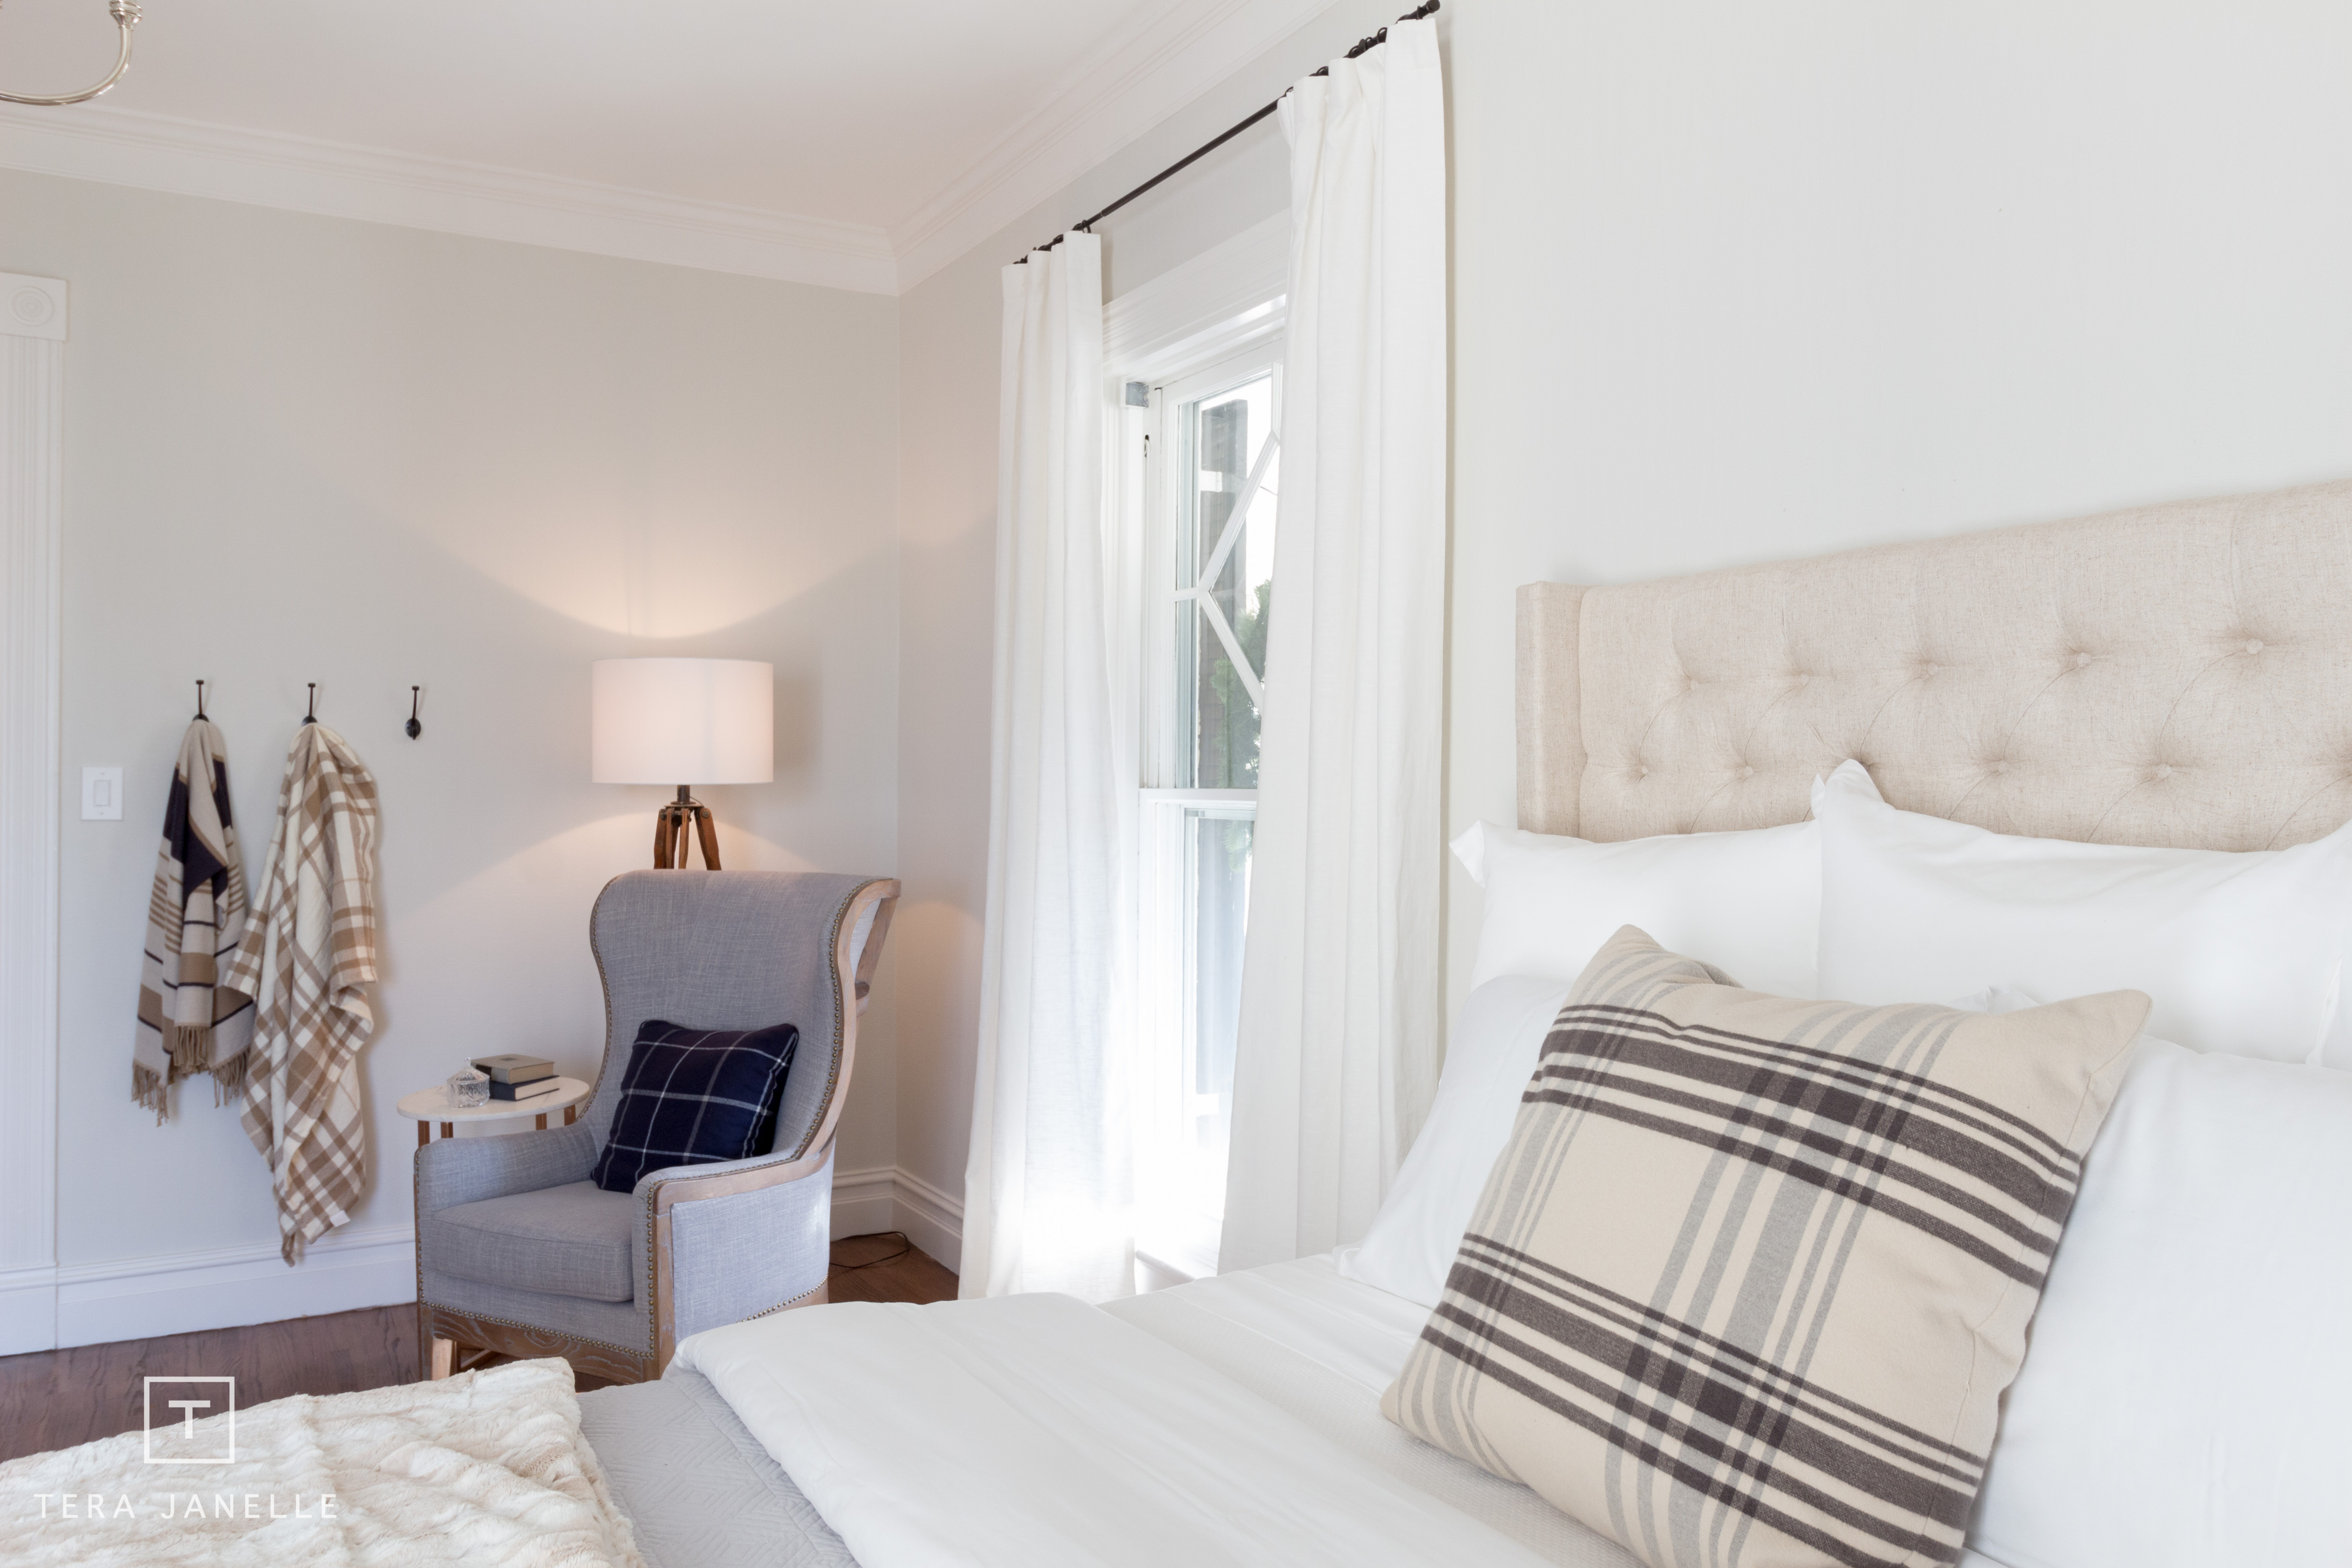 Tera Janelle - Right Bedroom-20.jpg